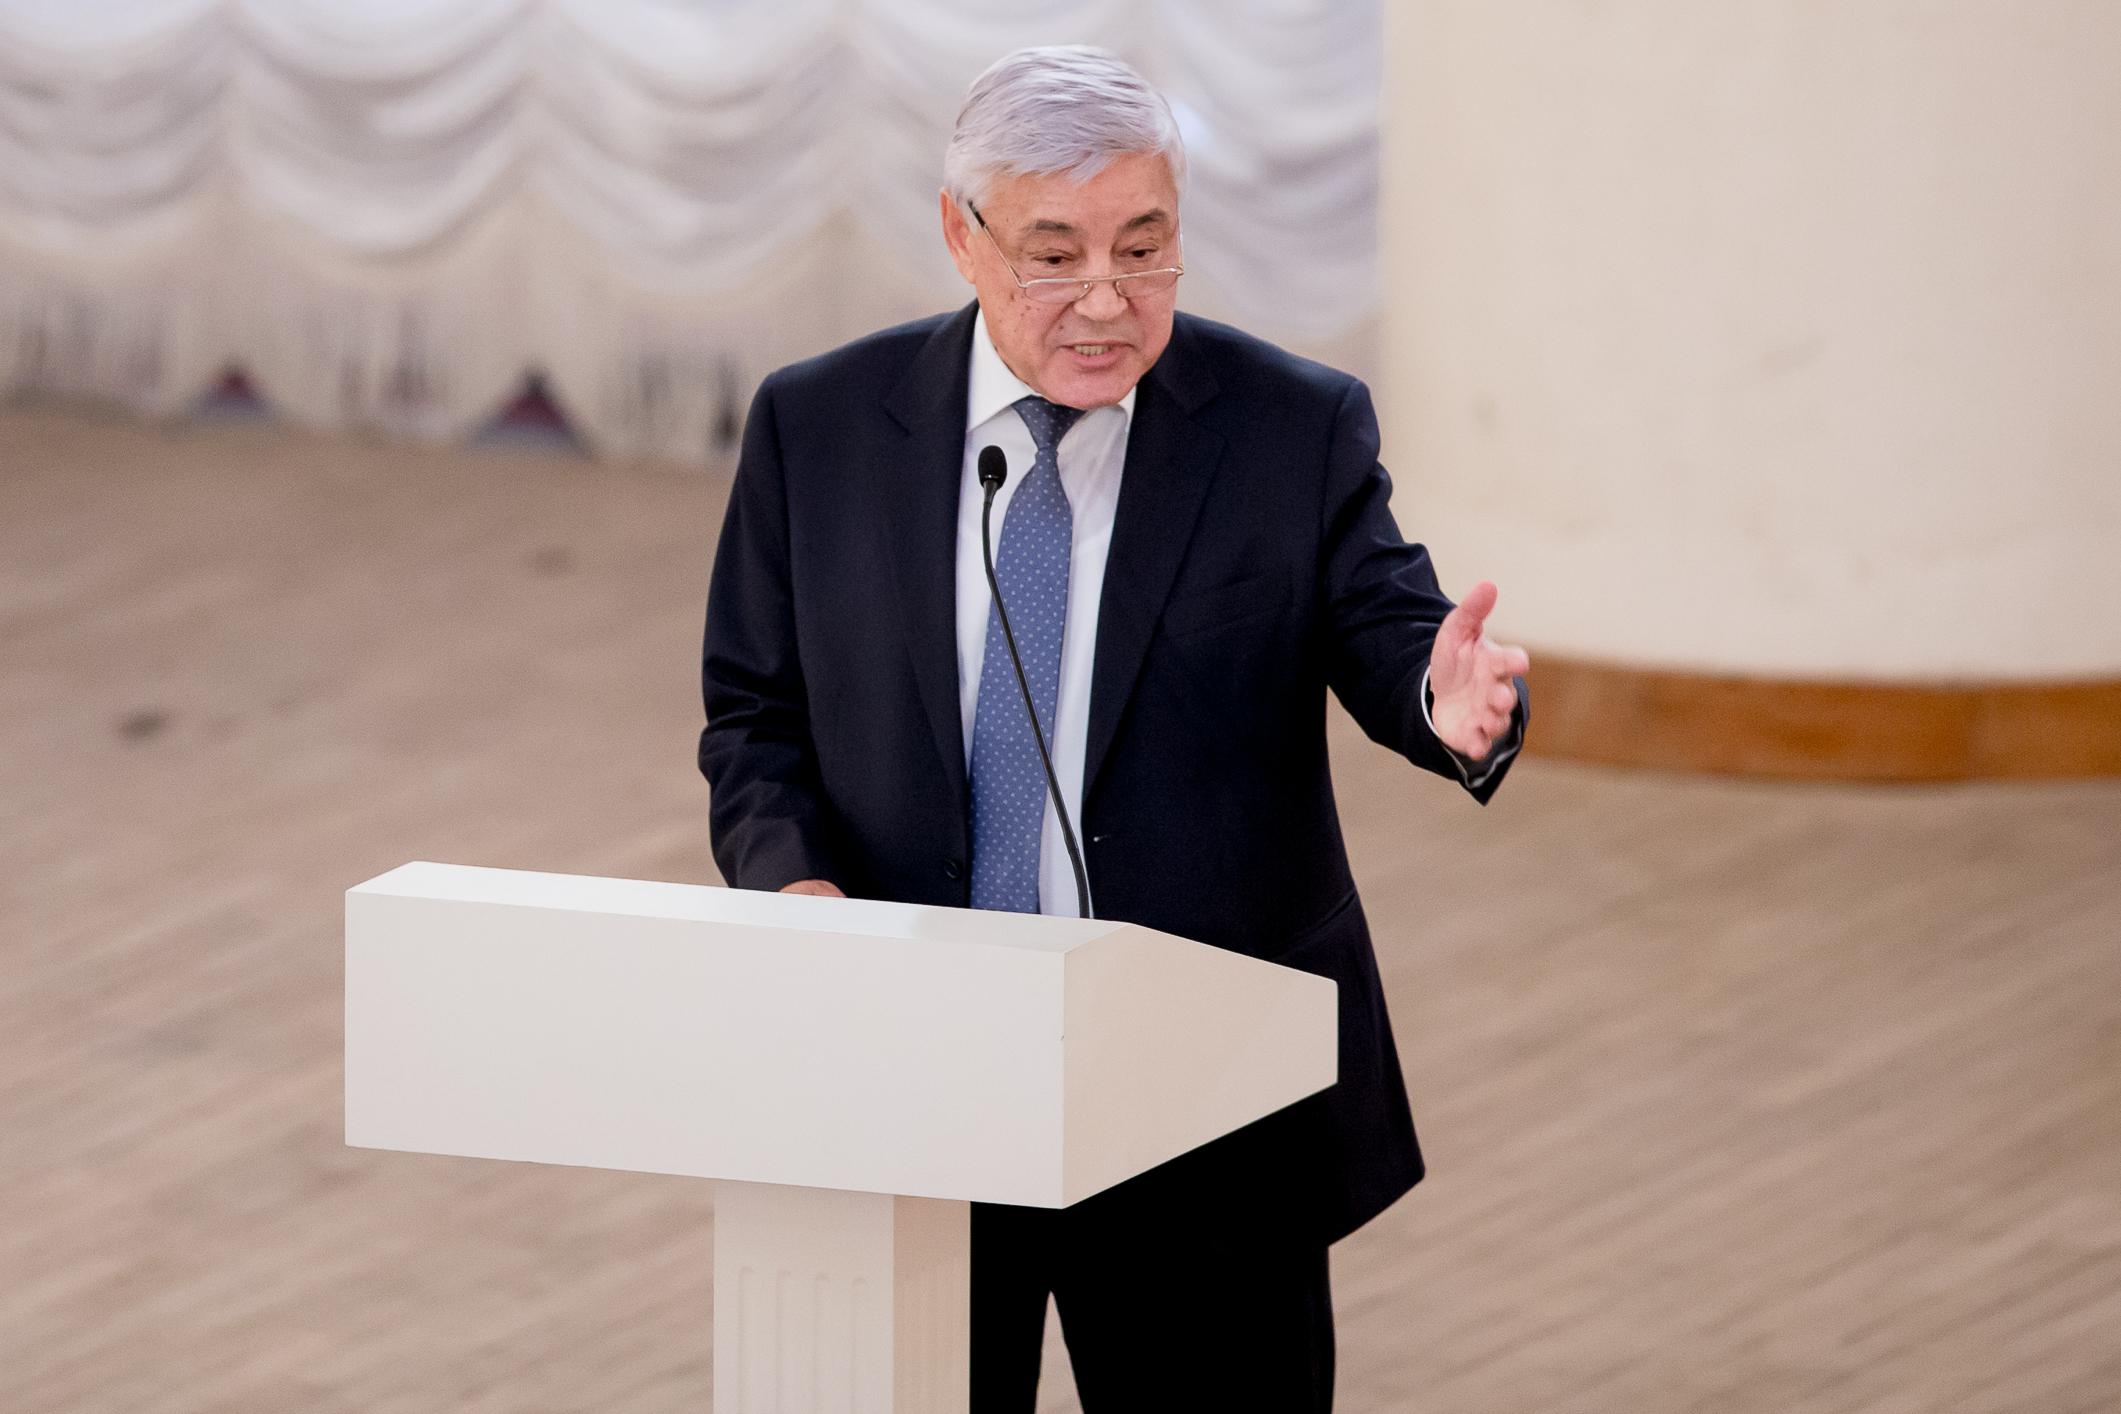 Руководитель пензенского Заксобрания занял 54 место вгодовом медиарейтинге